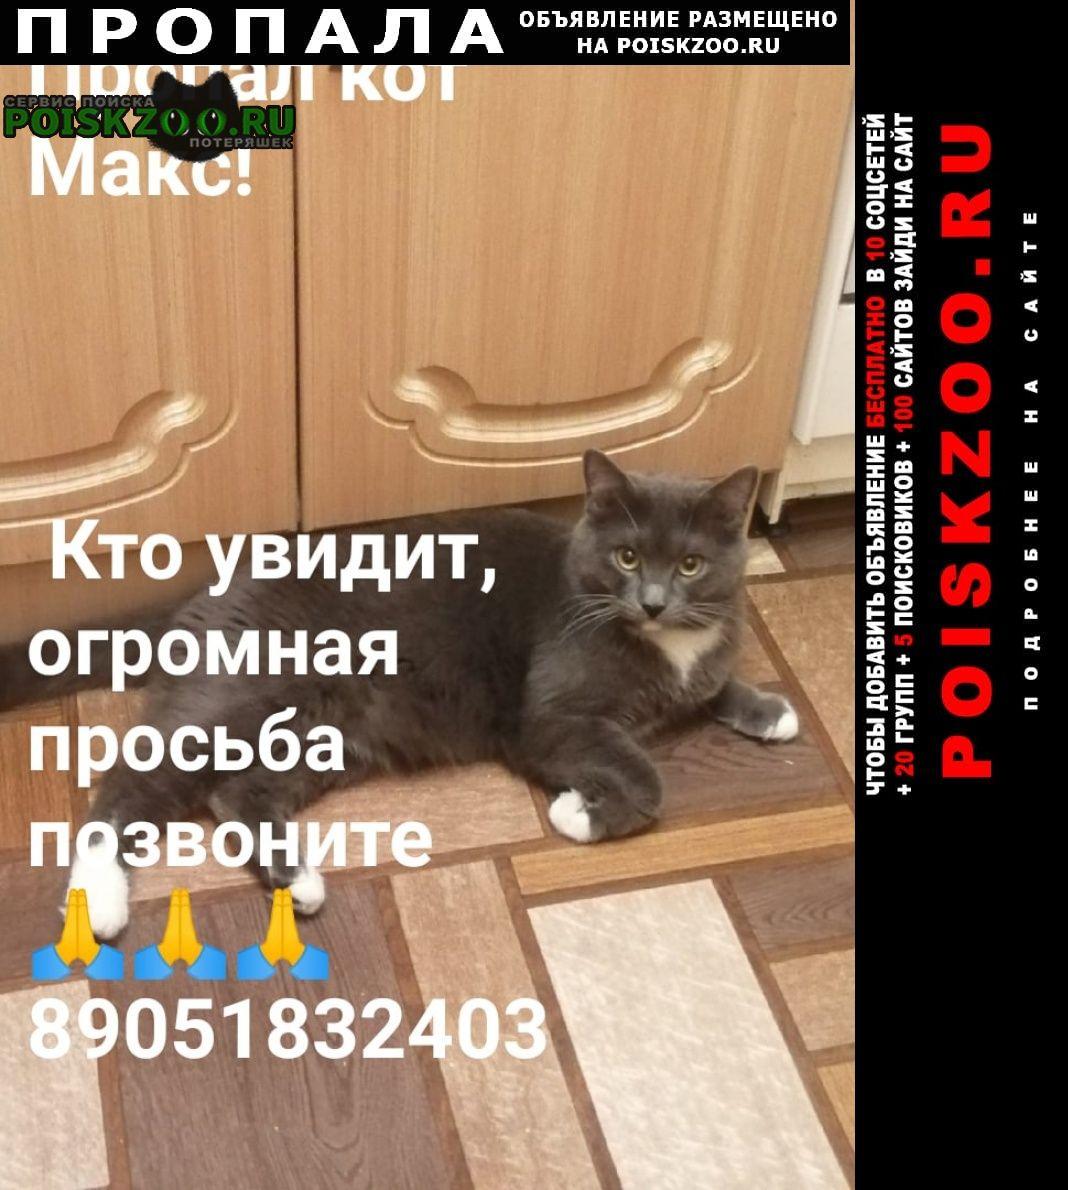 Пропал кот макс Ульяновск